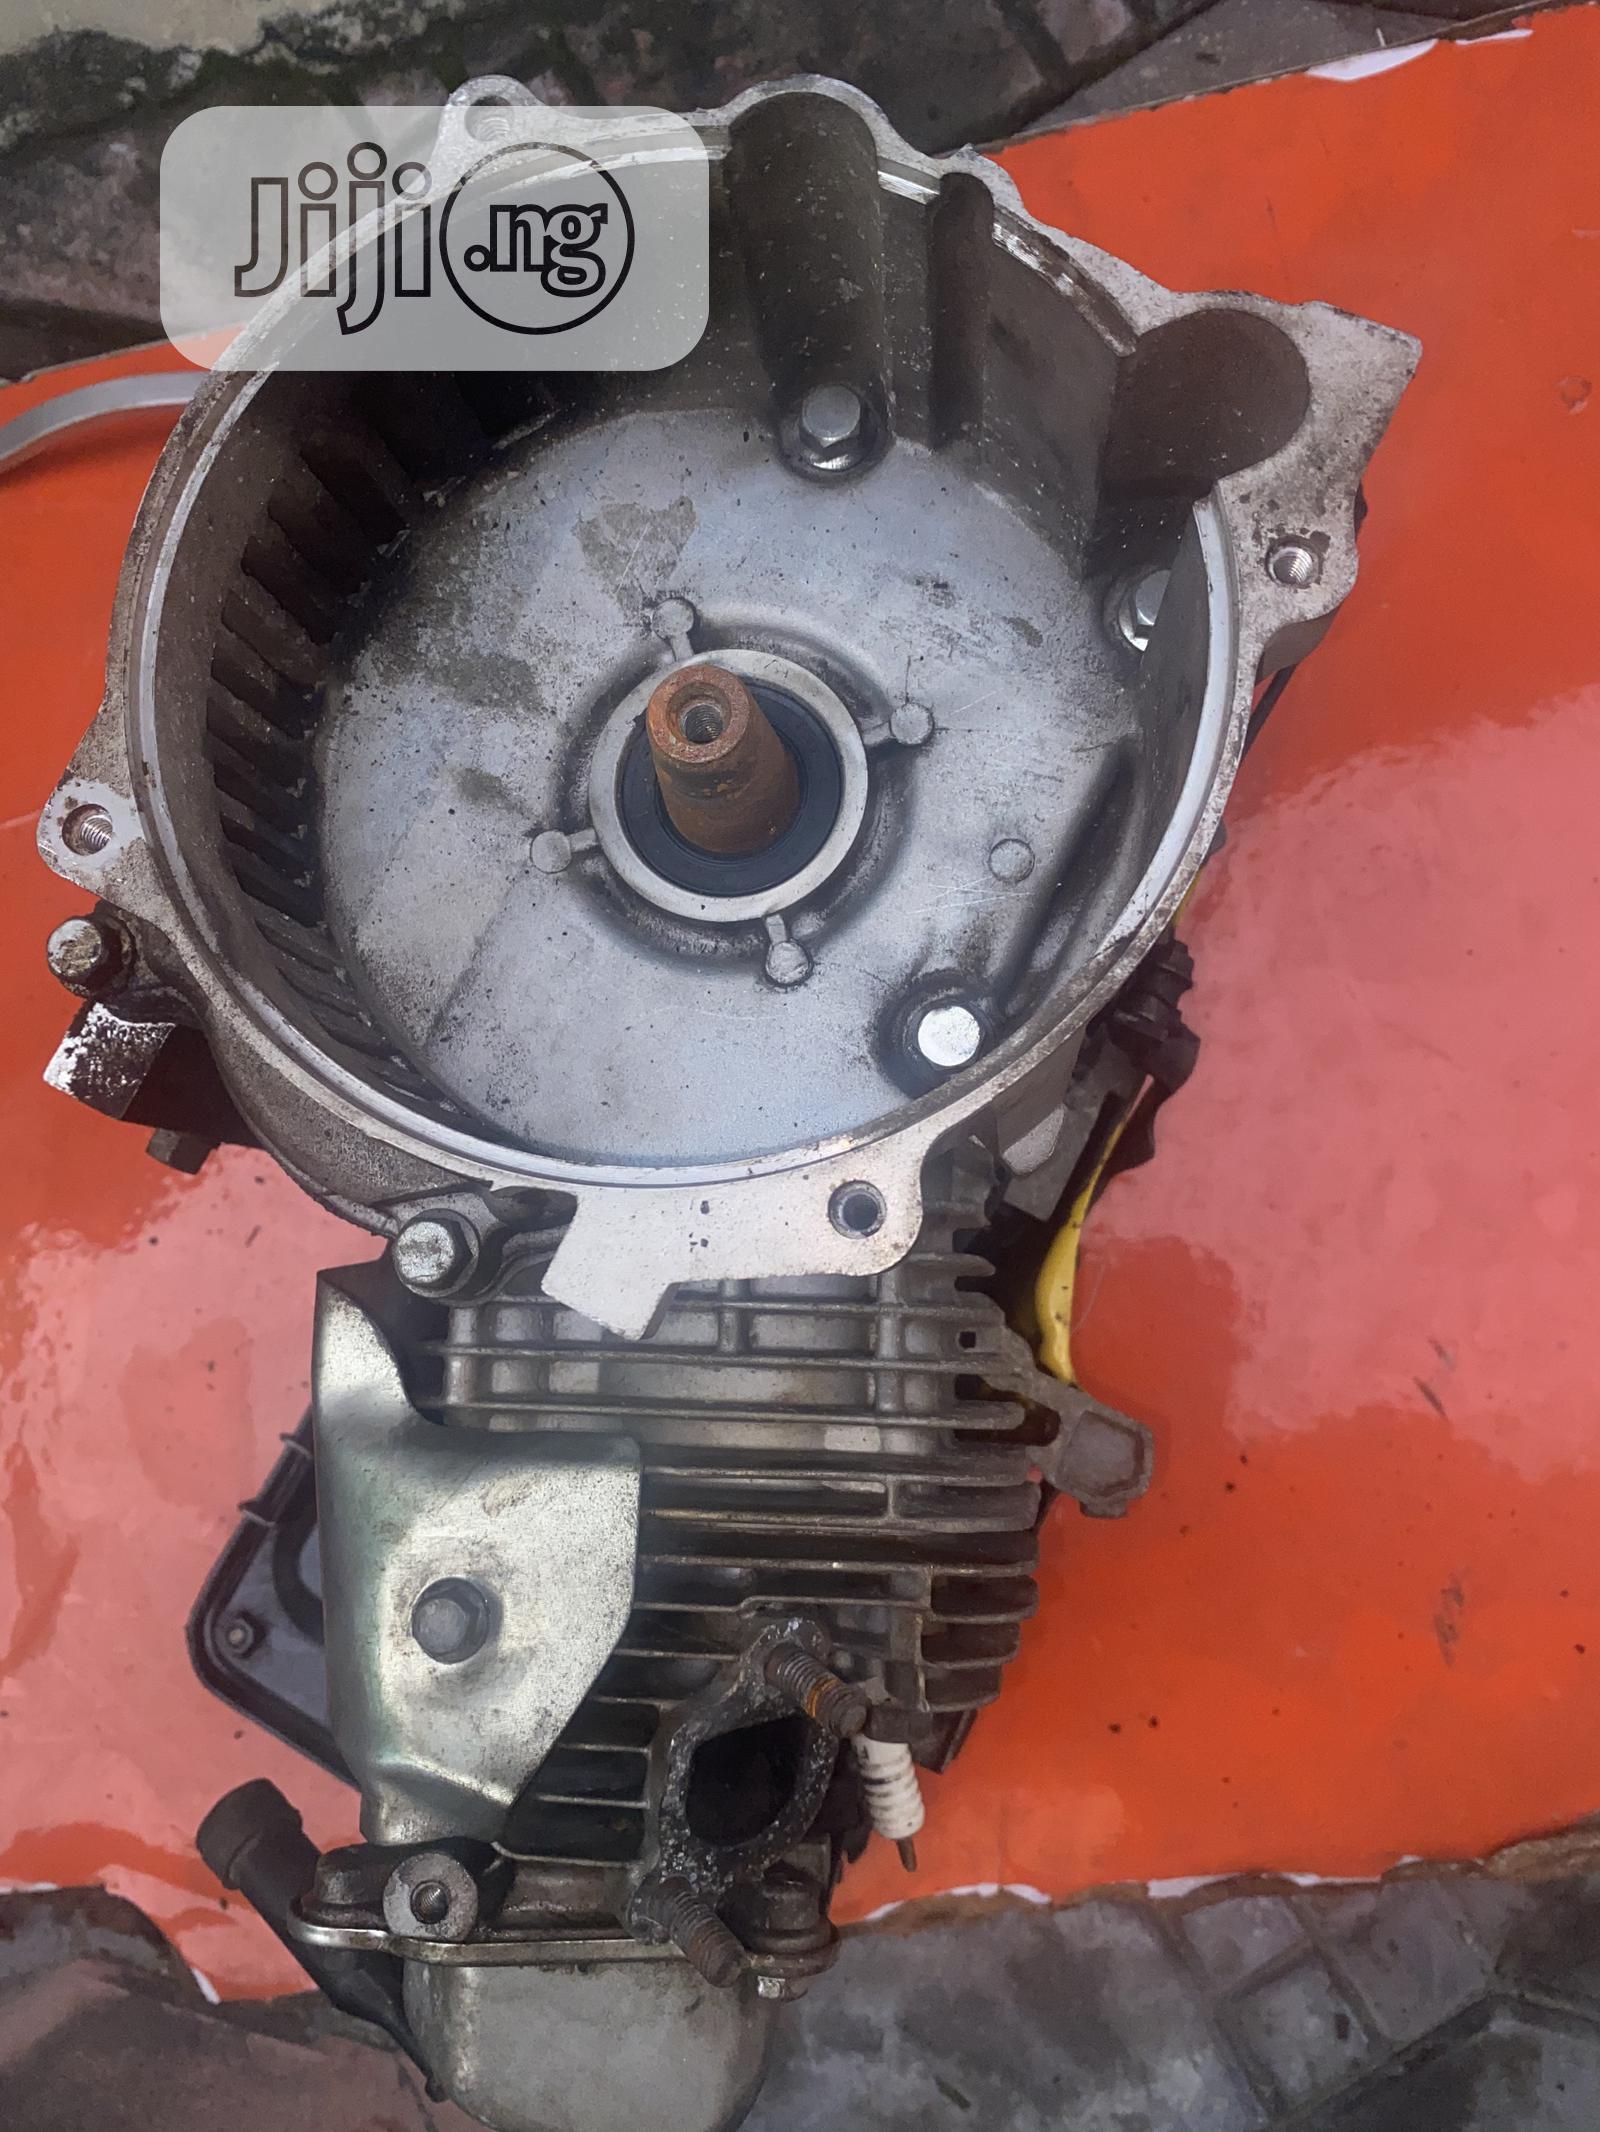 Sumec Firman Sfe 200, 6.5KVA Half Engine